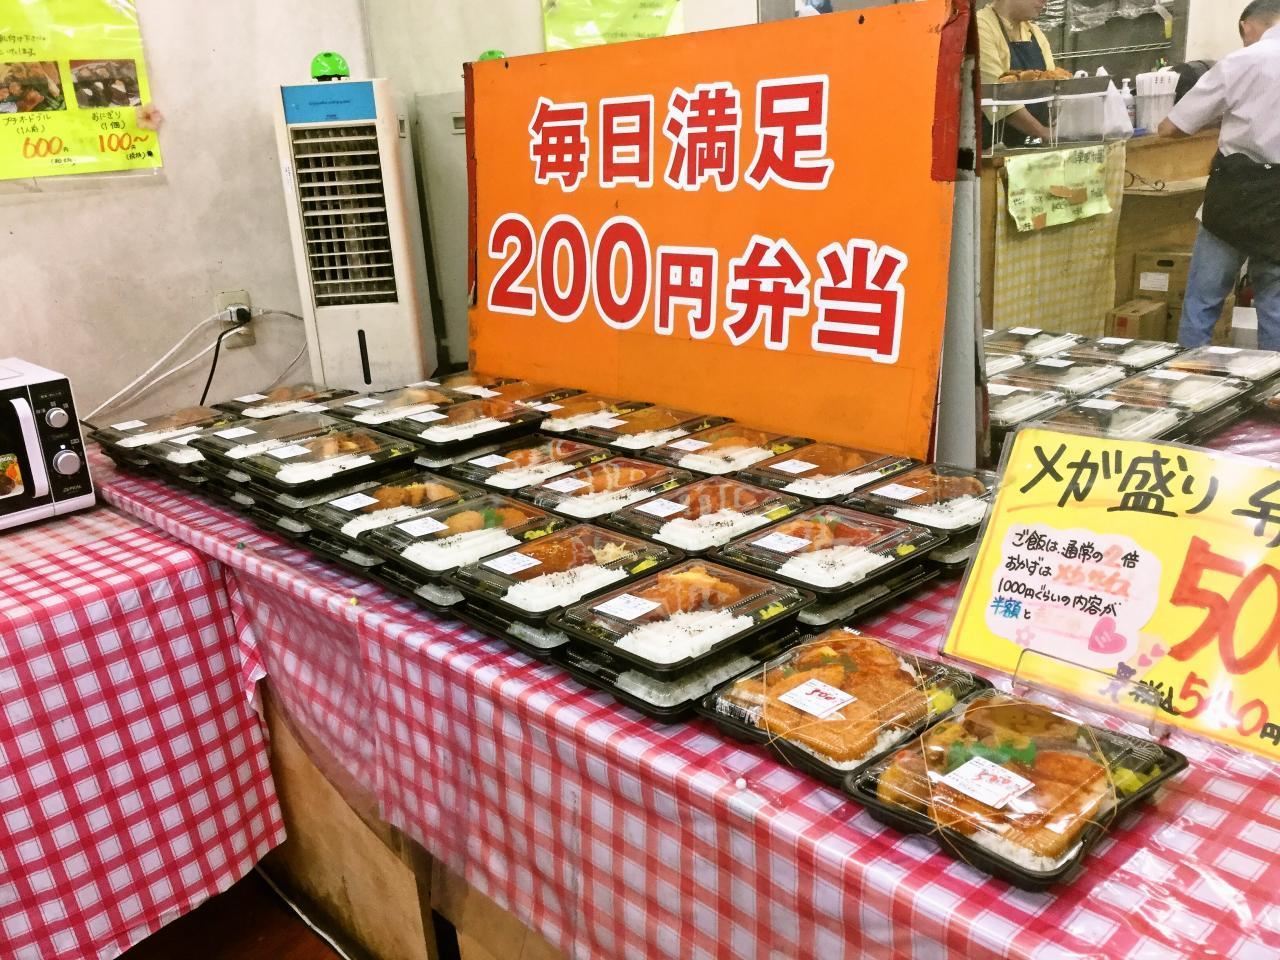 キッチンDIVE(店内)